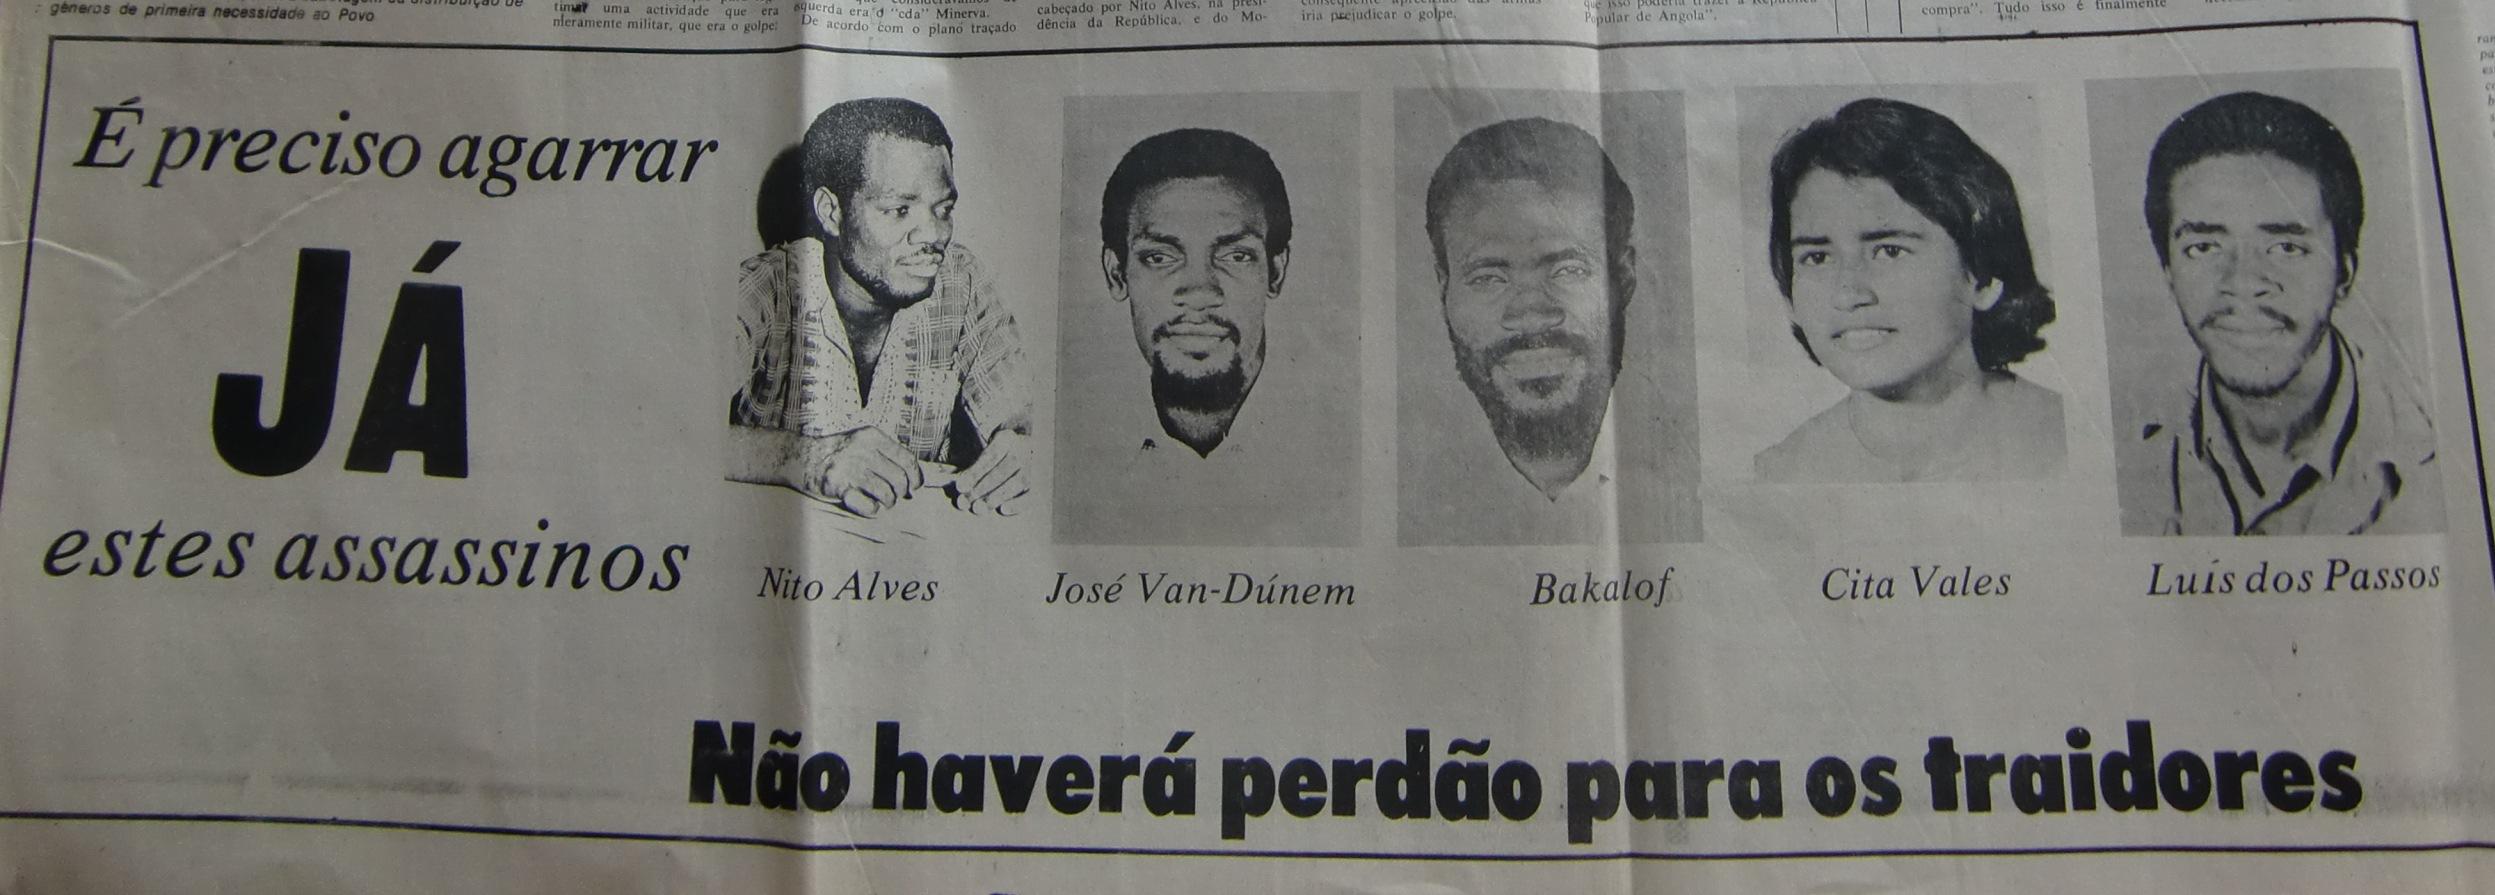 O Jornal de Angola e os apelos ao ódio